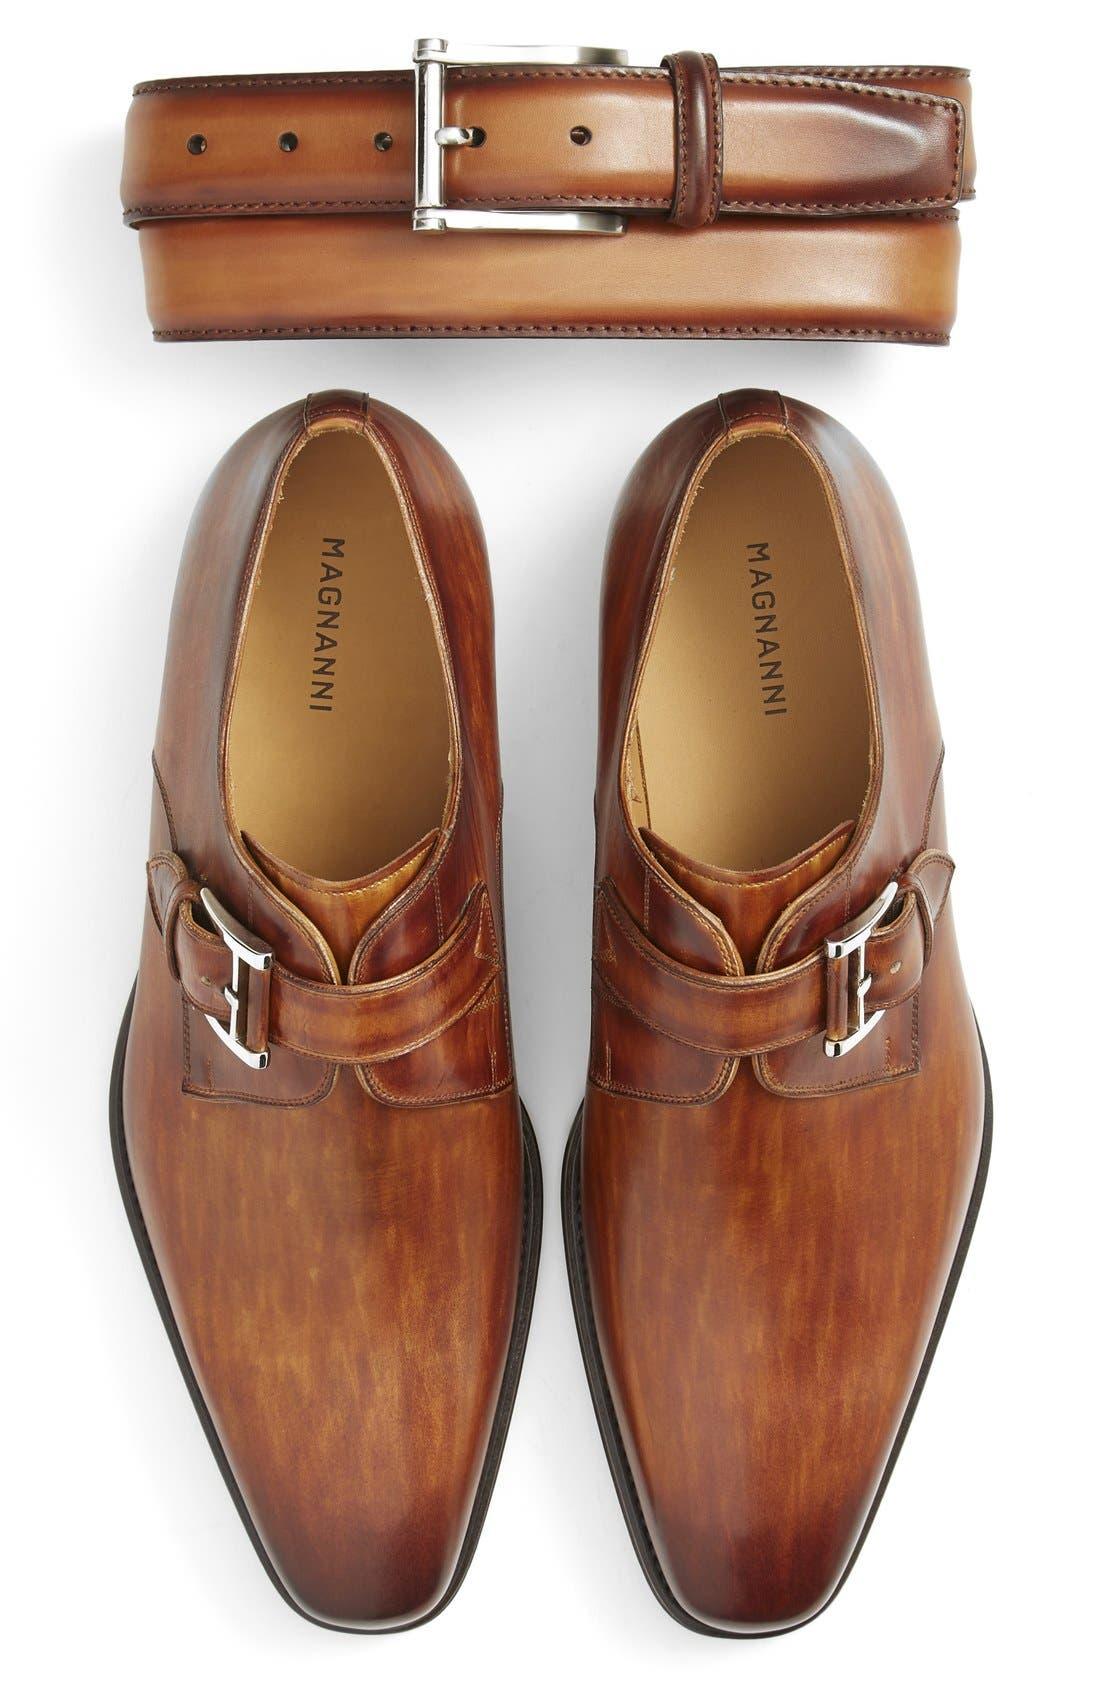 Magnanni Loafer & Belt